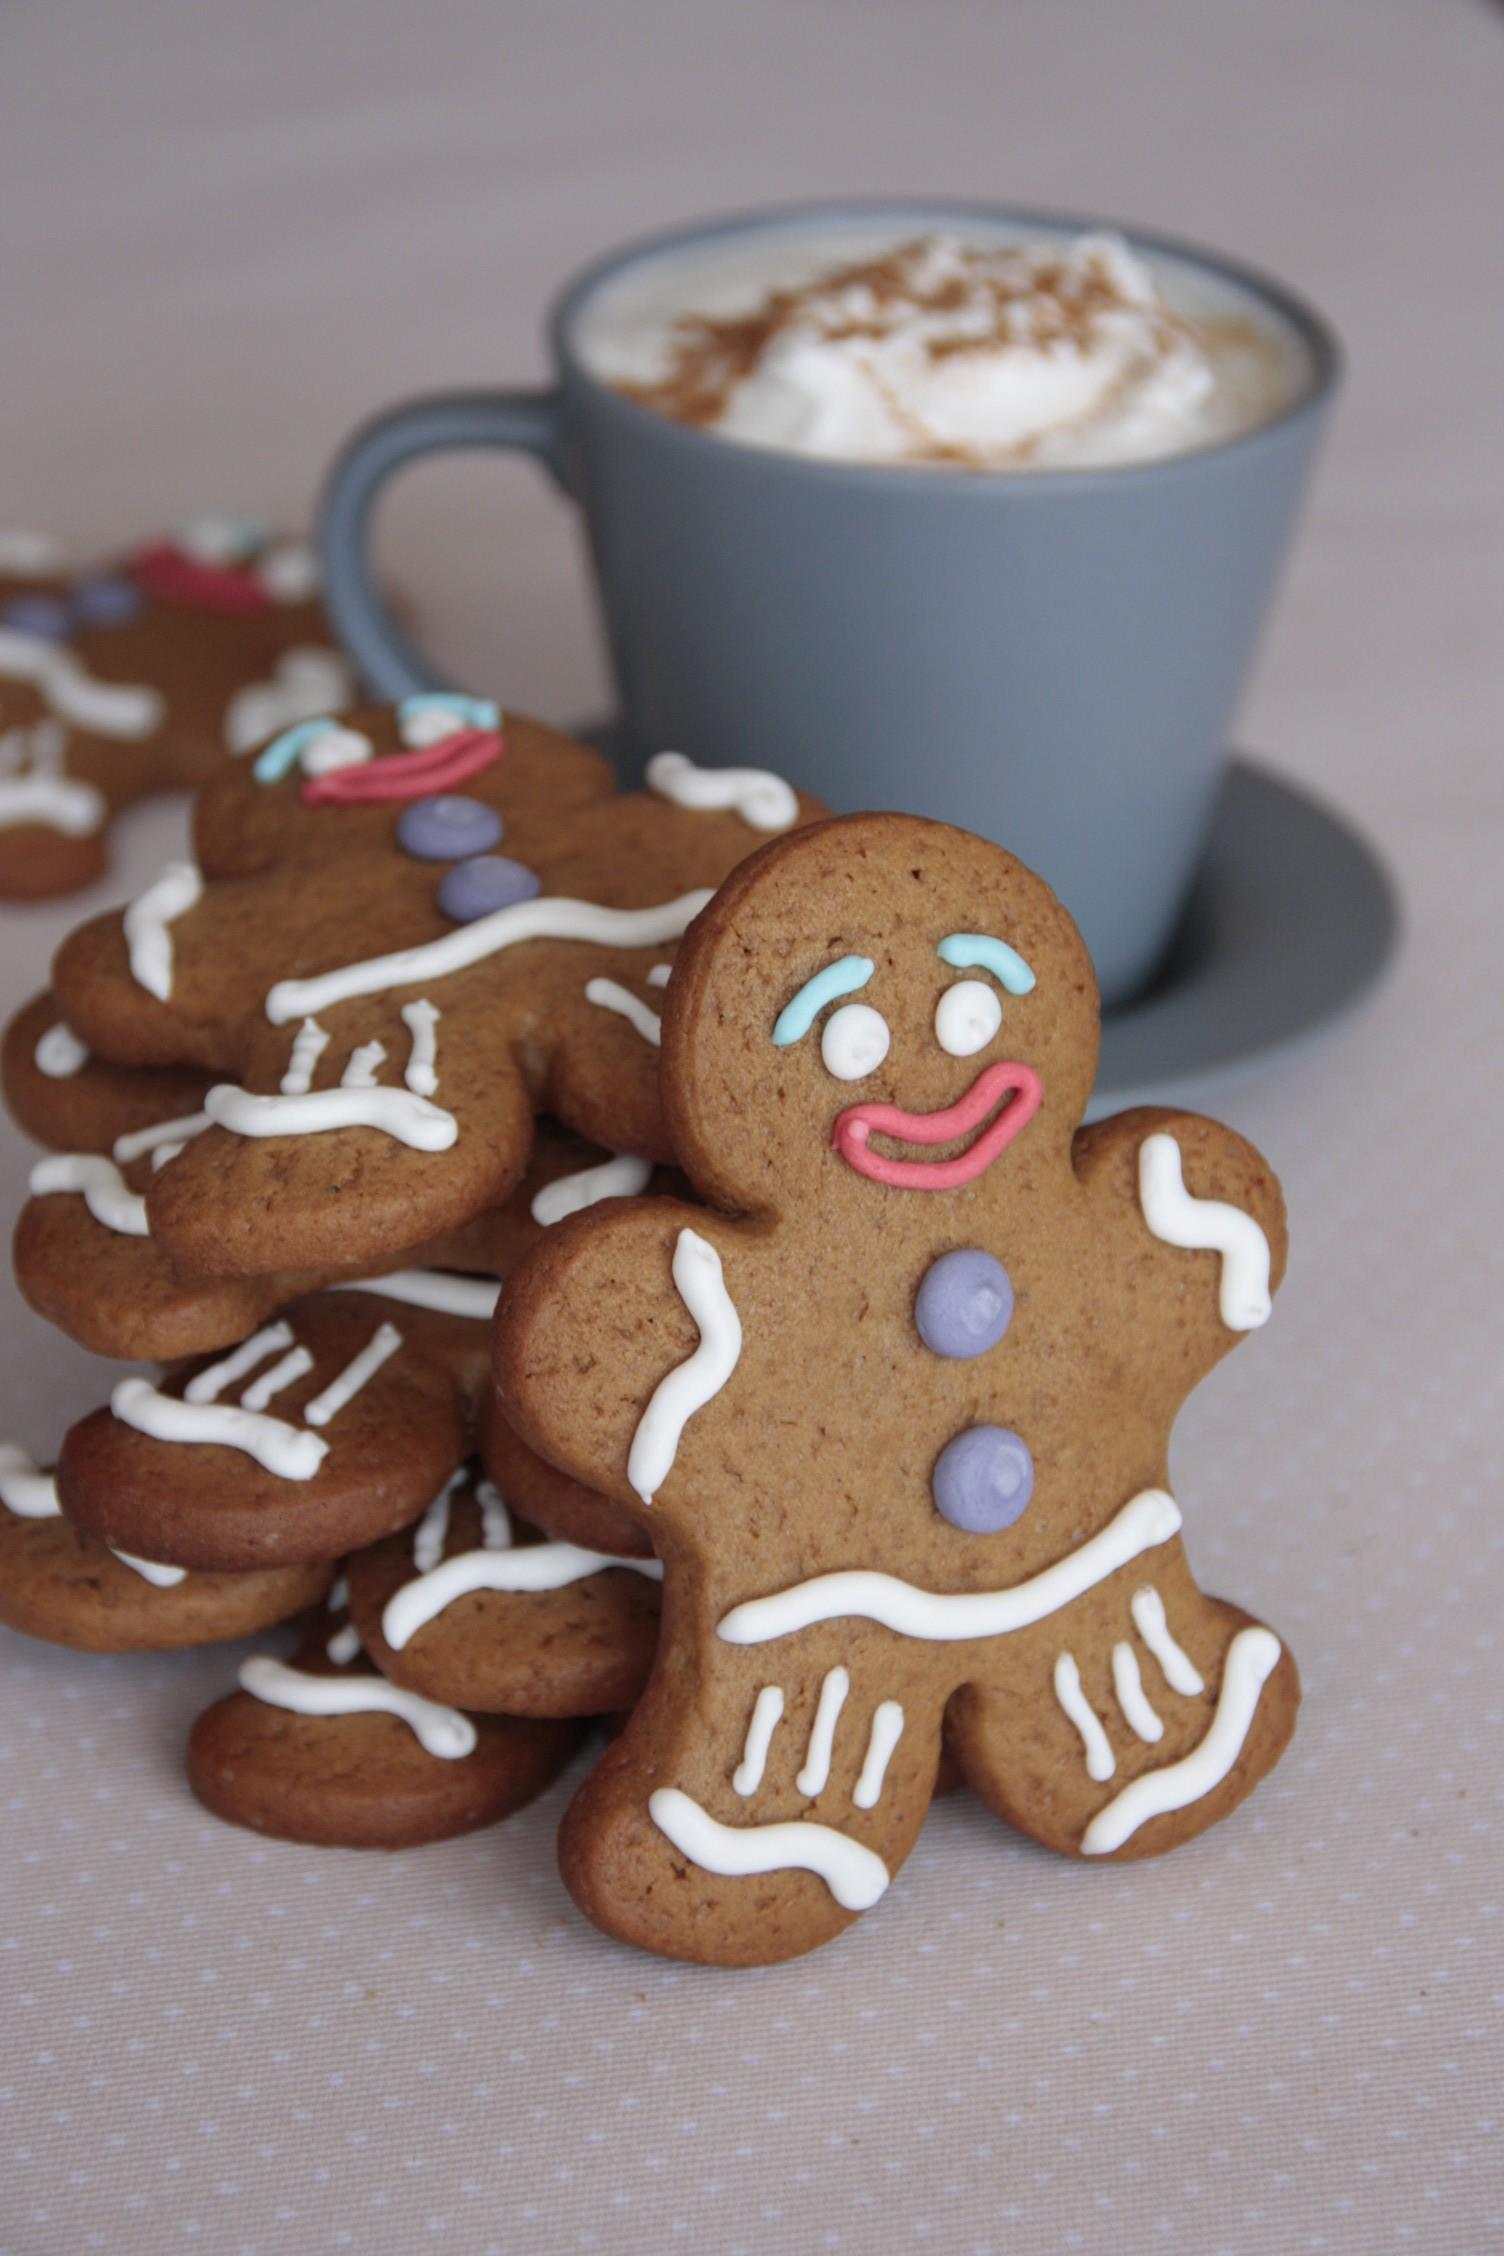 Galletas | Entre cupcakes y galletas | Página 2